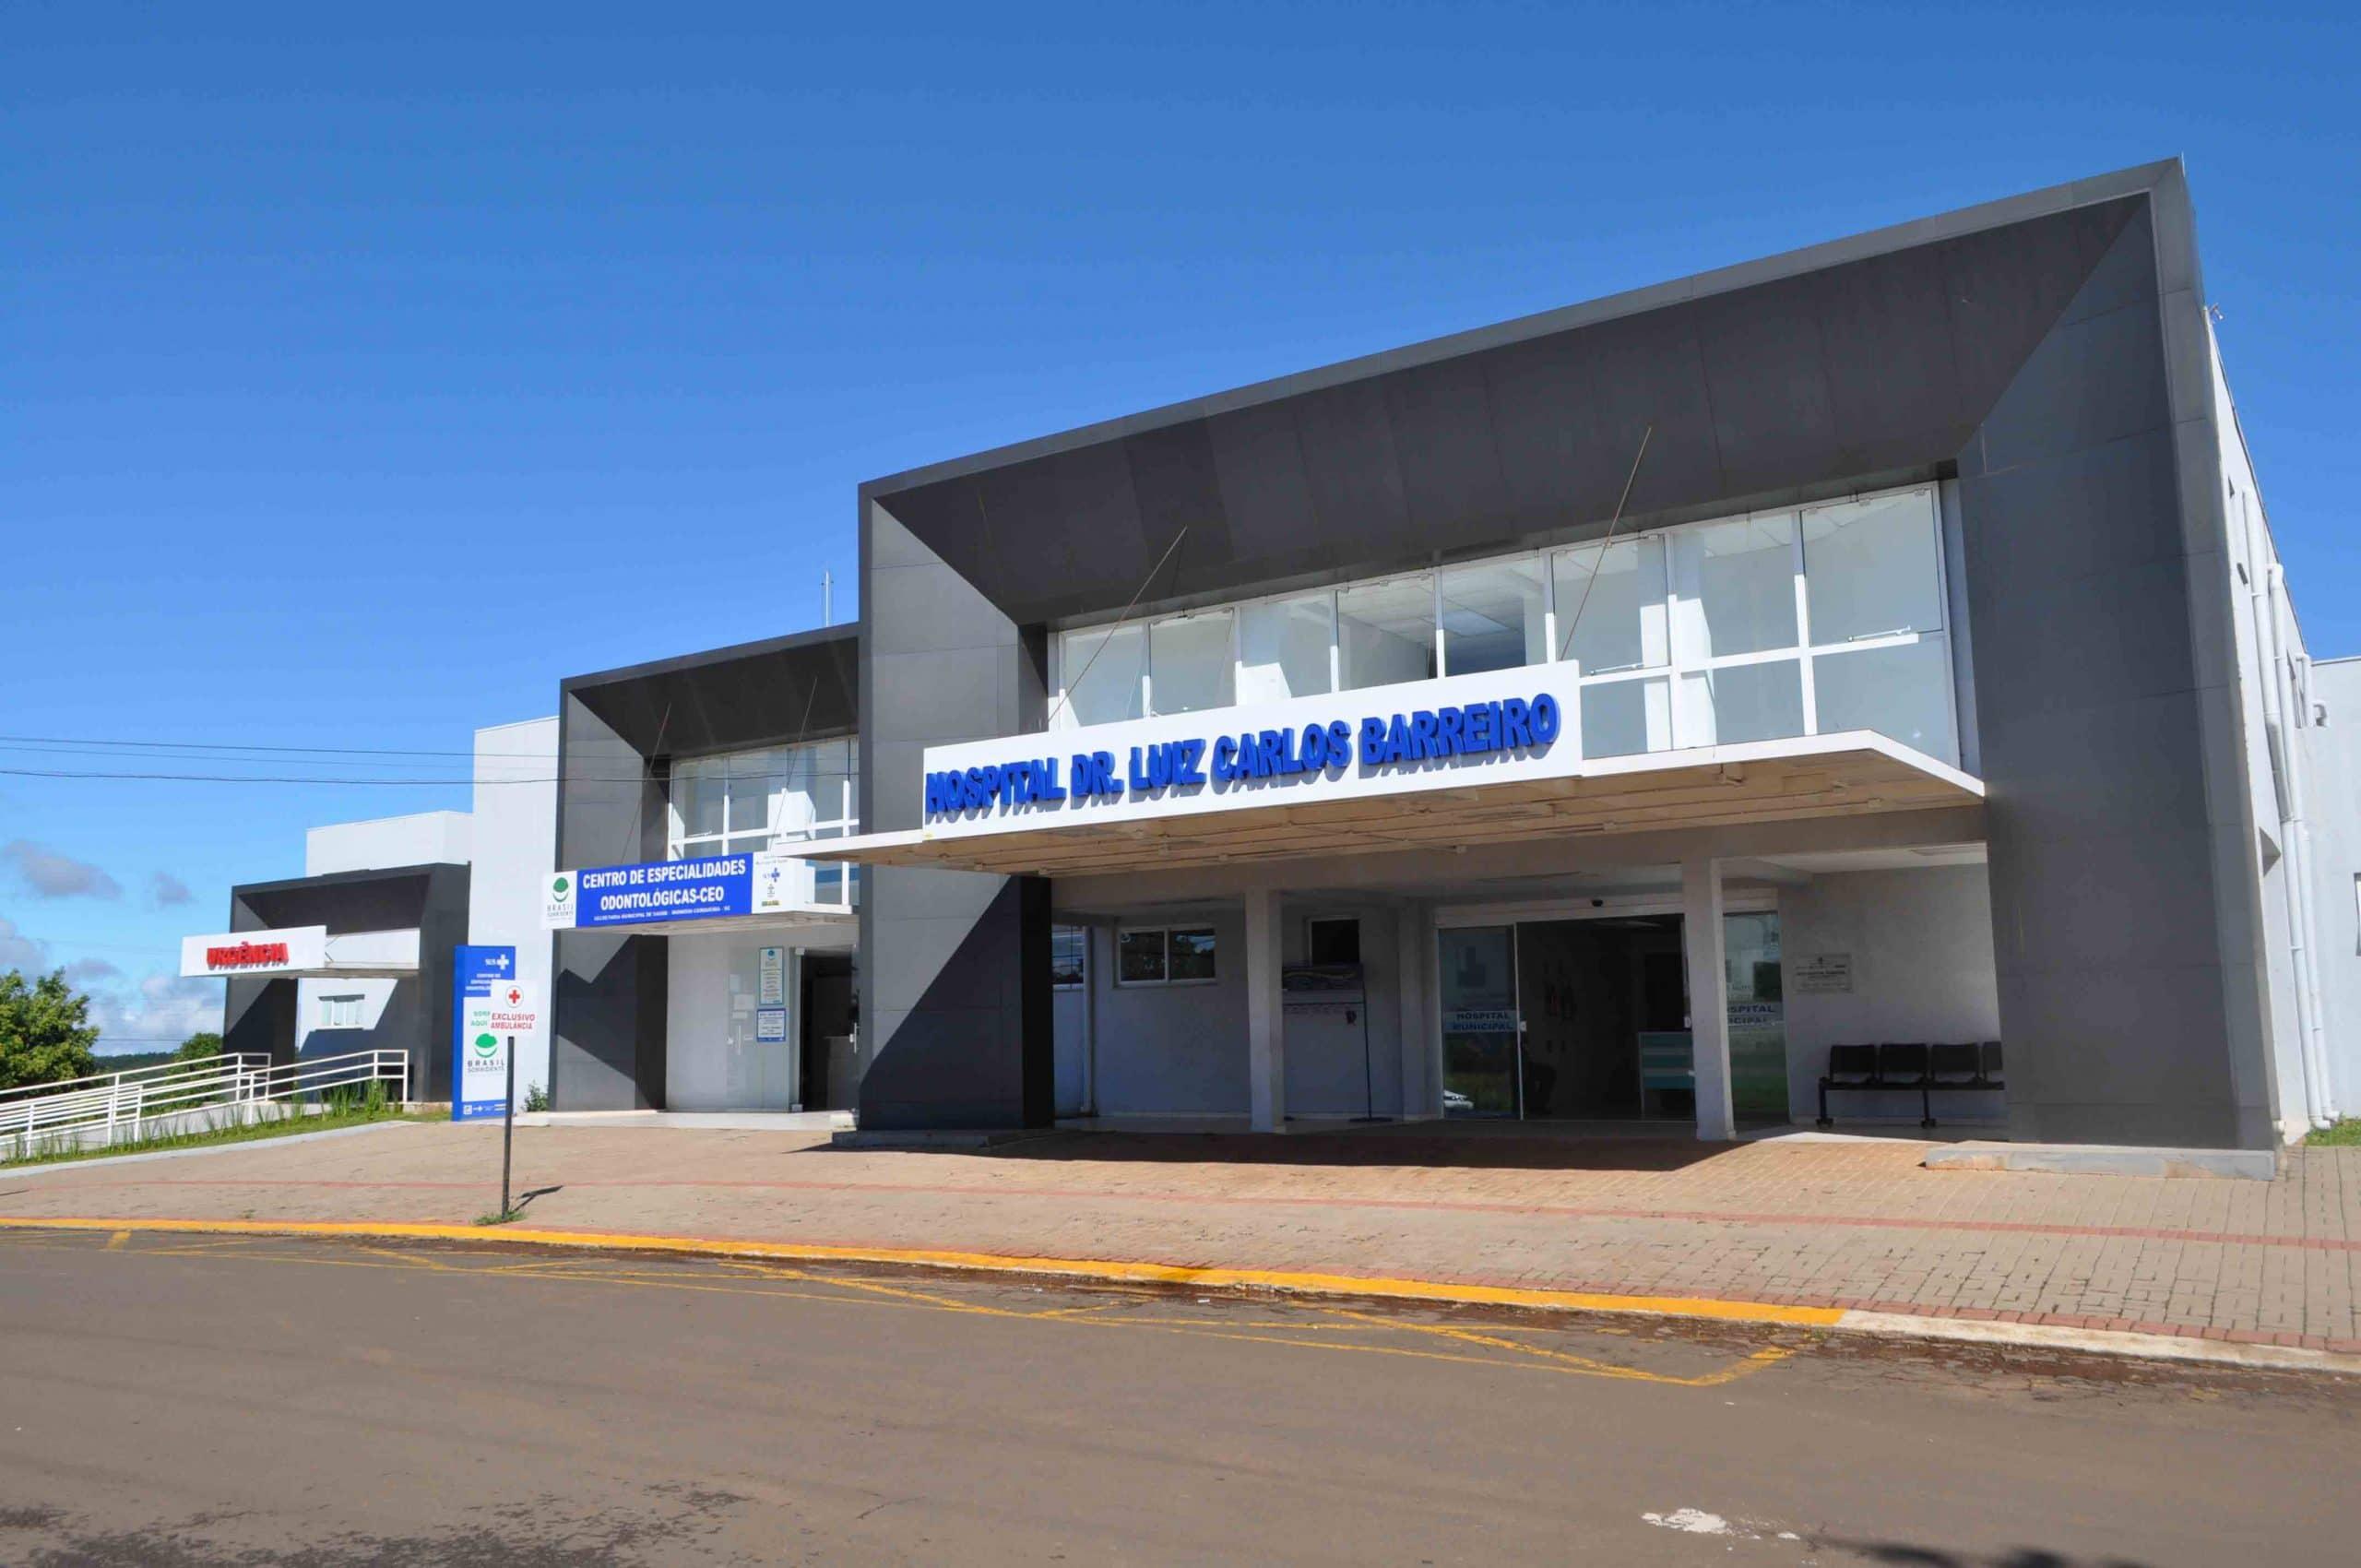 Hospital de Dionísio Cerqueira é contemplado com R$ 30 mil reais do Judiciário para enfrentamento da pandemia